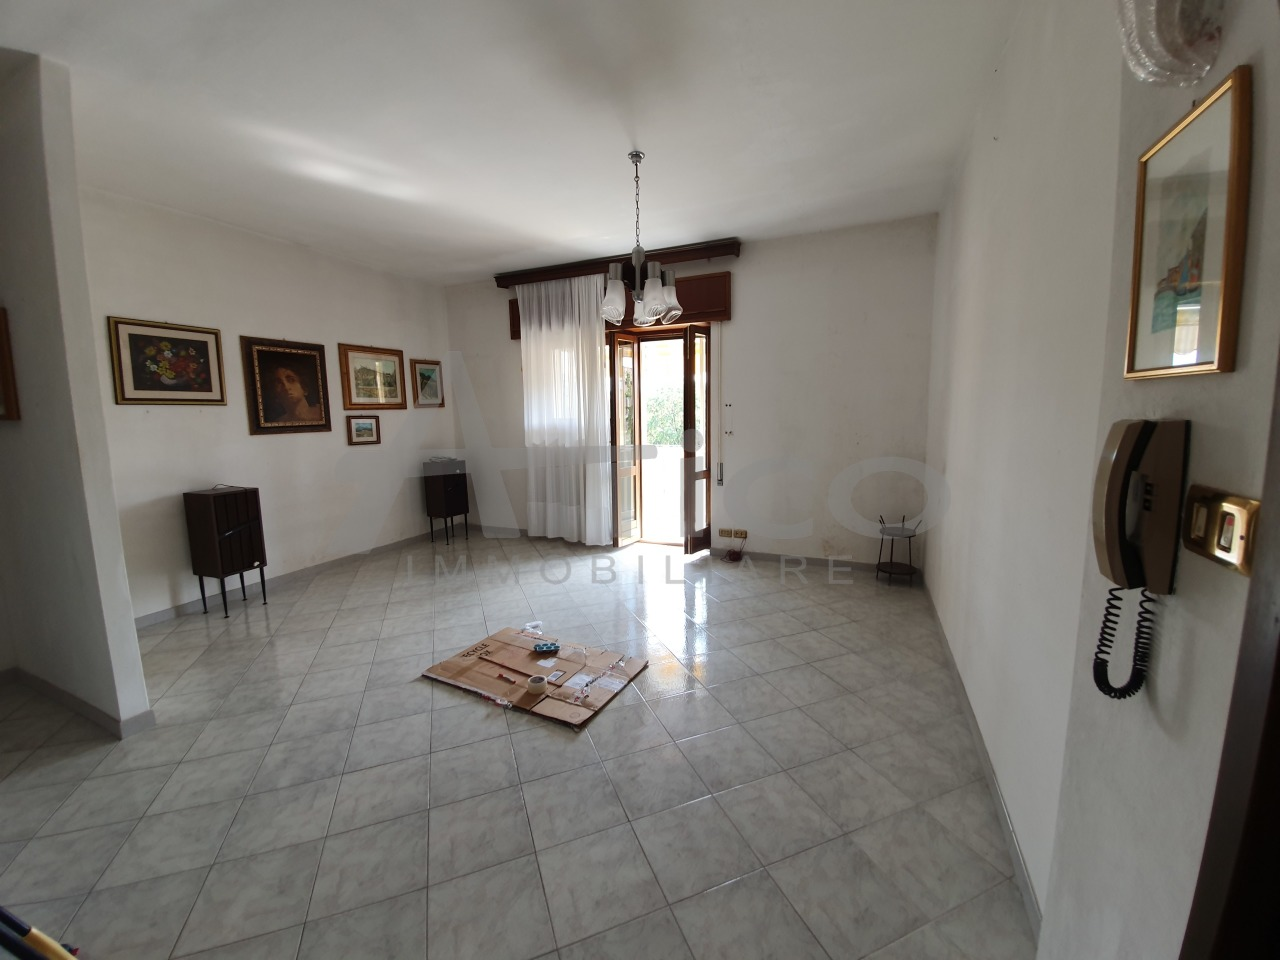 Appartamento - Piano Ultimo a Commenda Ovest, Rovigo